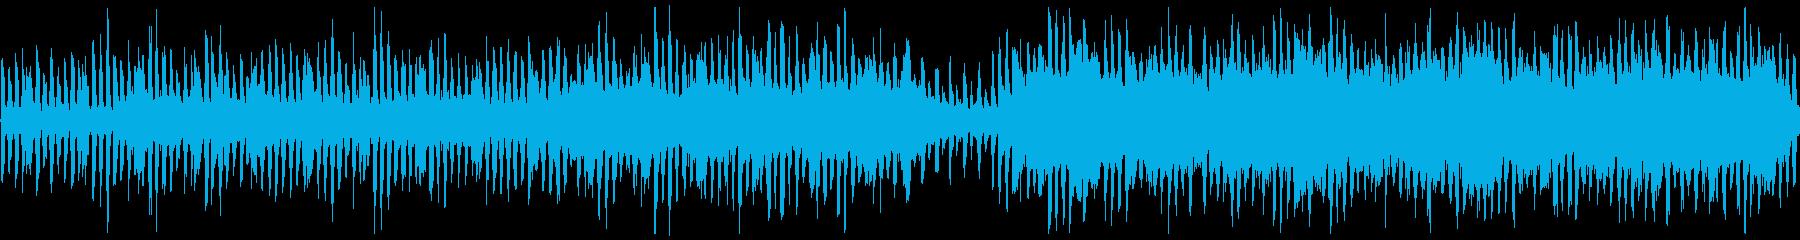 【リズム抜き】爽やかで朗らかなアンサン…の再生済みの波形